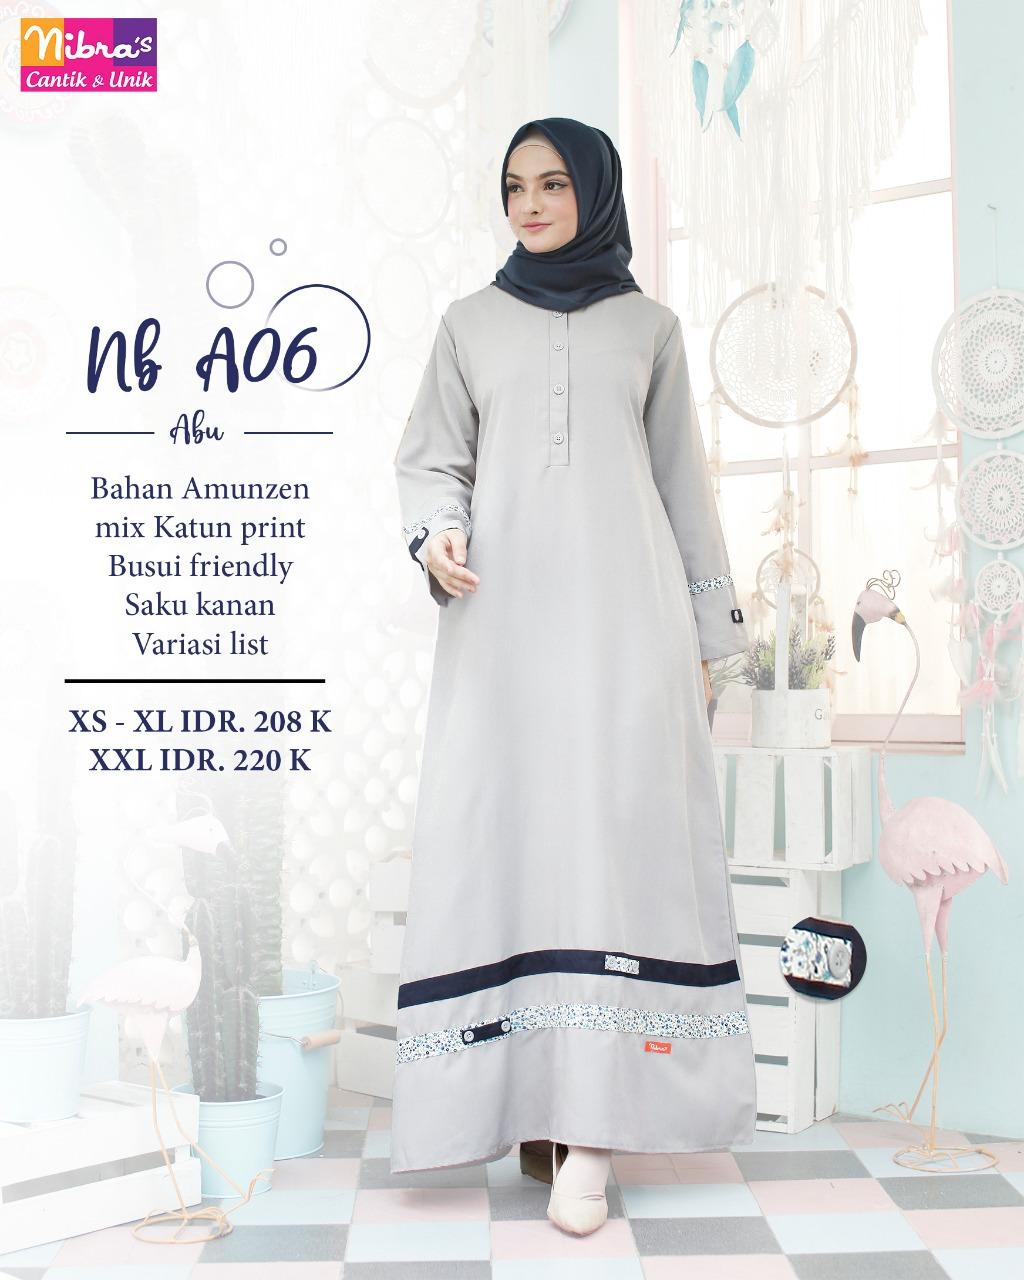 Gamis Nb A06 Gamis Nibras Terbaru Delia Hijab